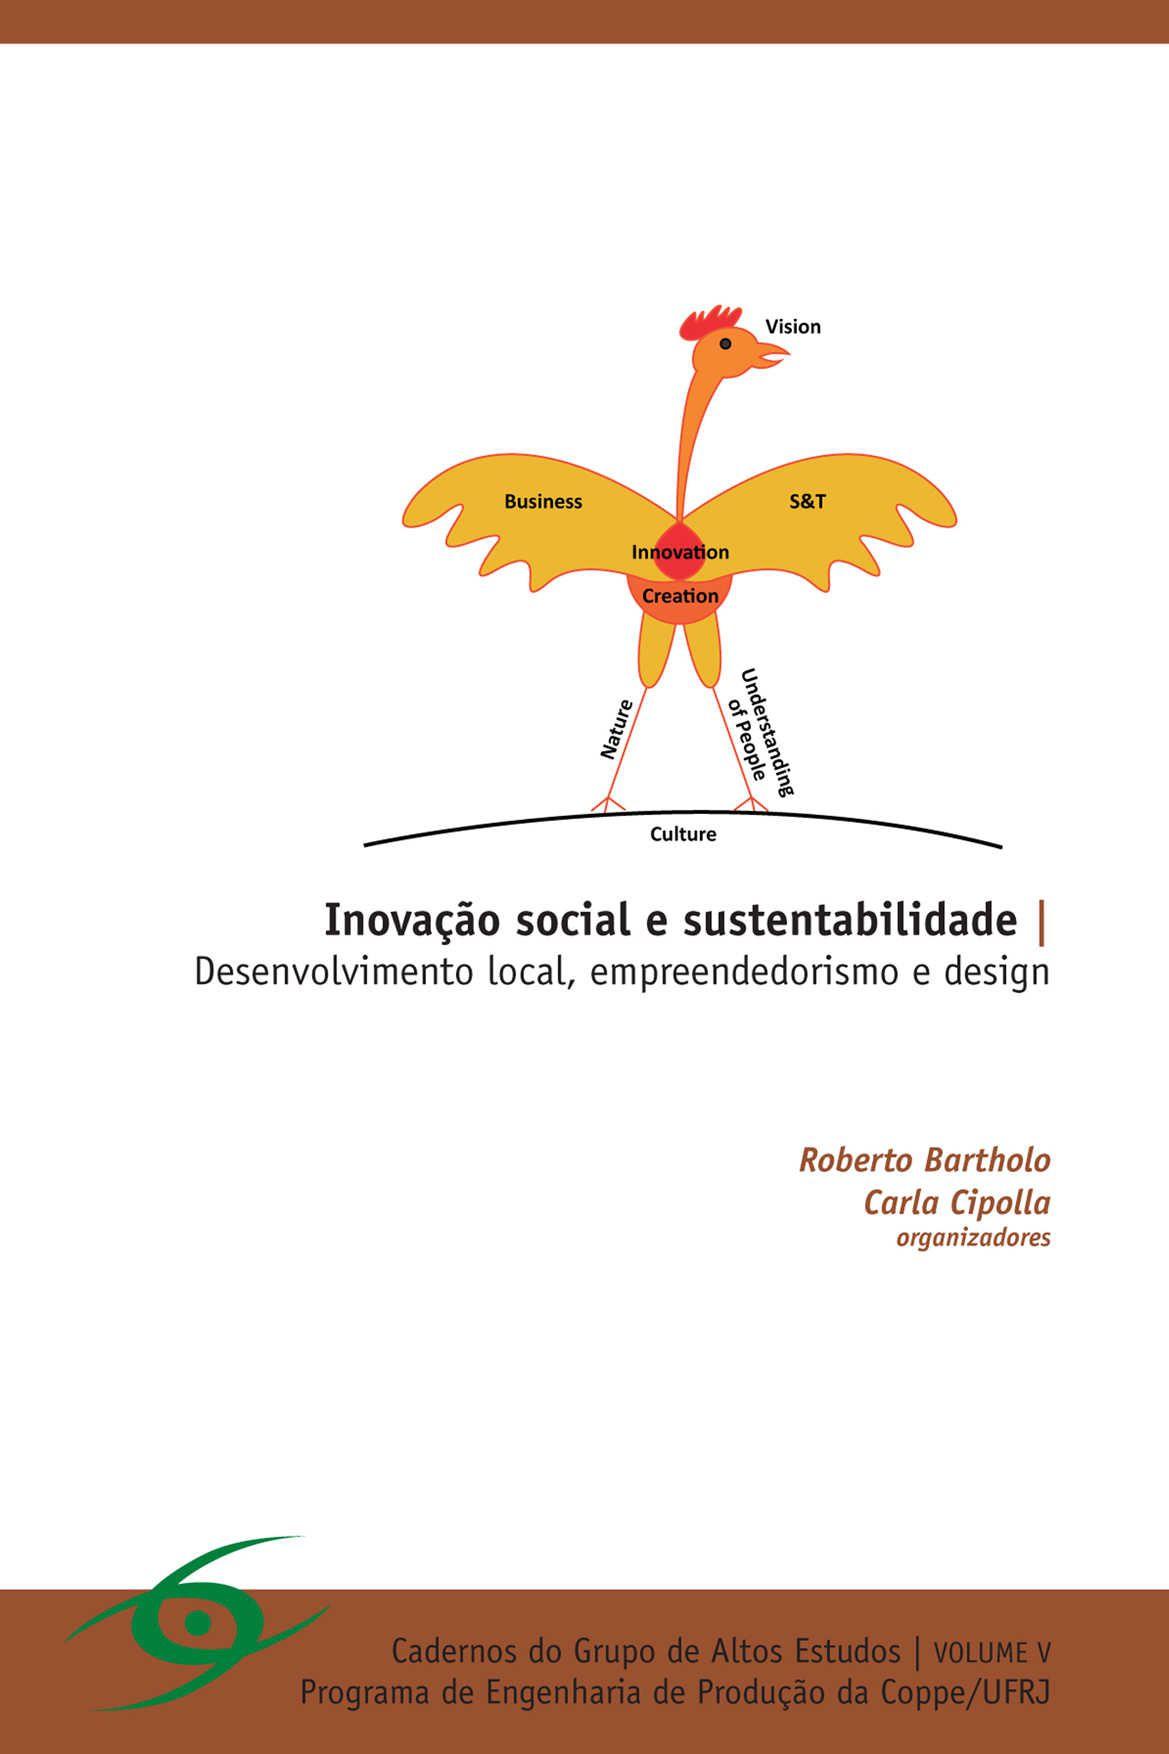 Inovação social e sustentabilidade: Desenvolvimento local, empreendedorismo e design